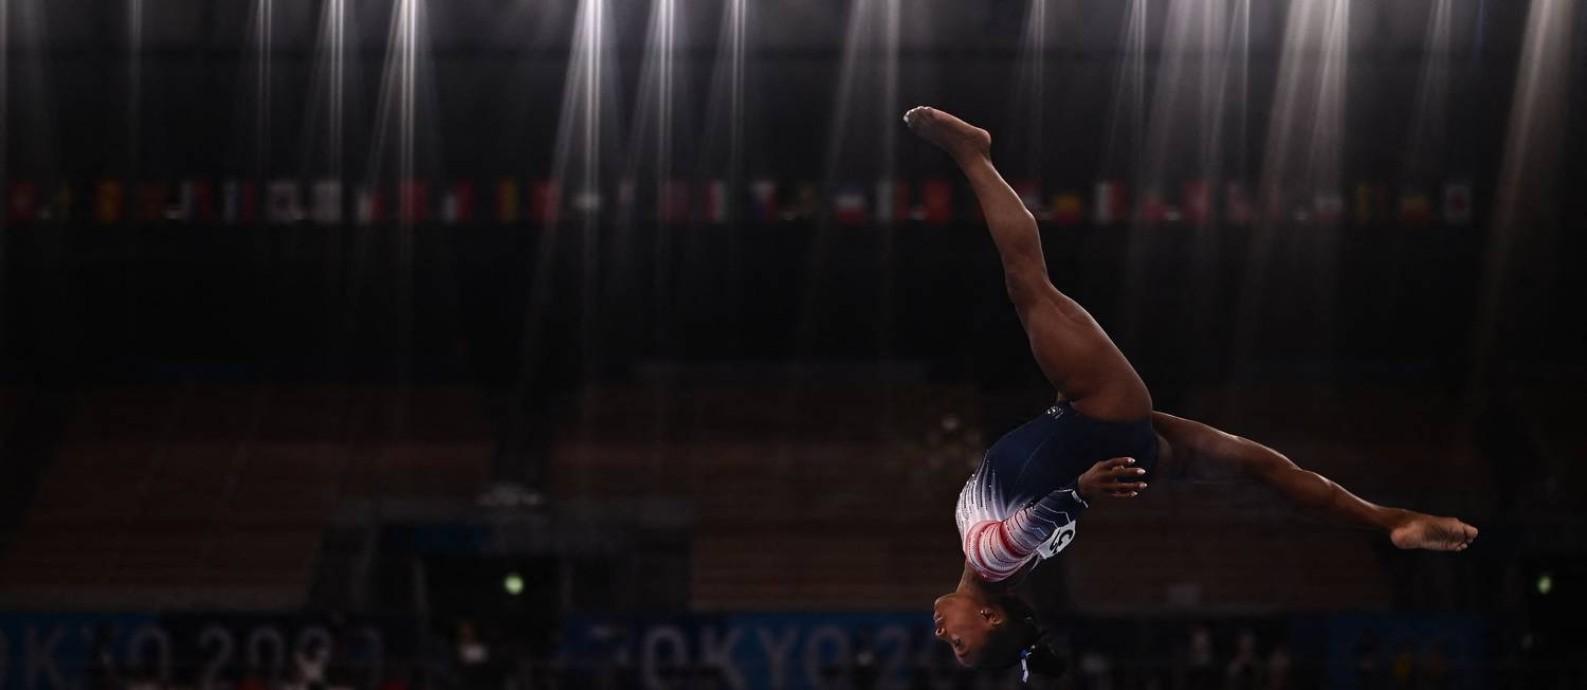 Simone Biles se apresenta na final da trave e conquista o bronze Foto: JEFF PACHOUD / AFP